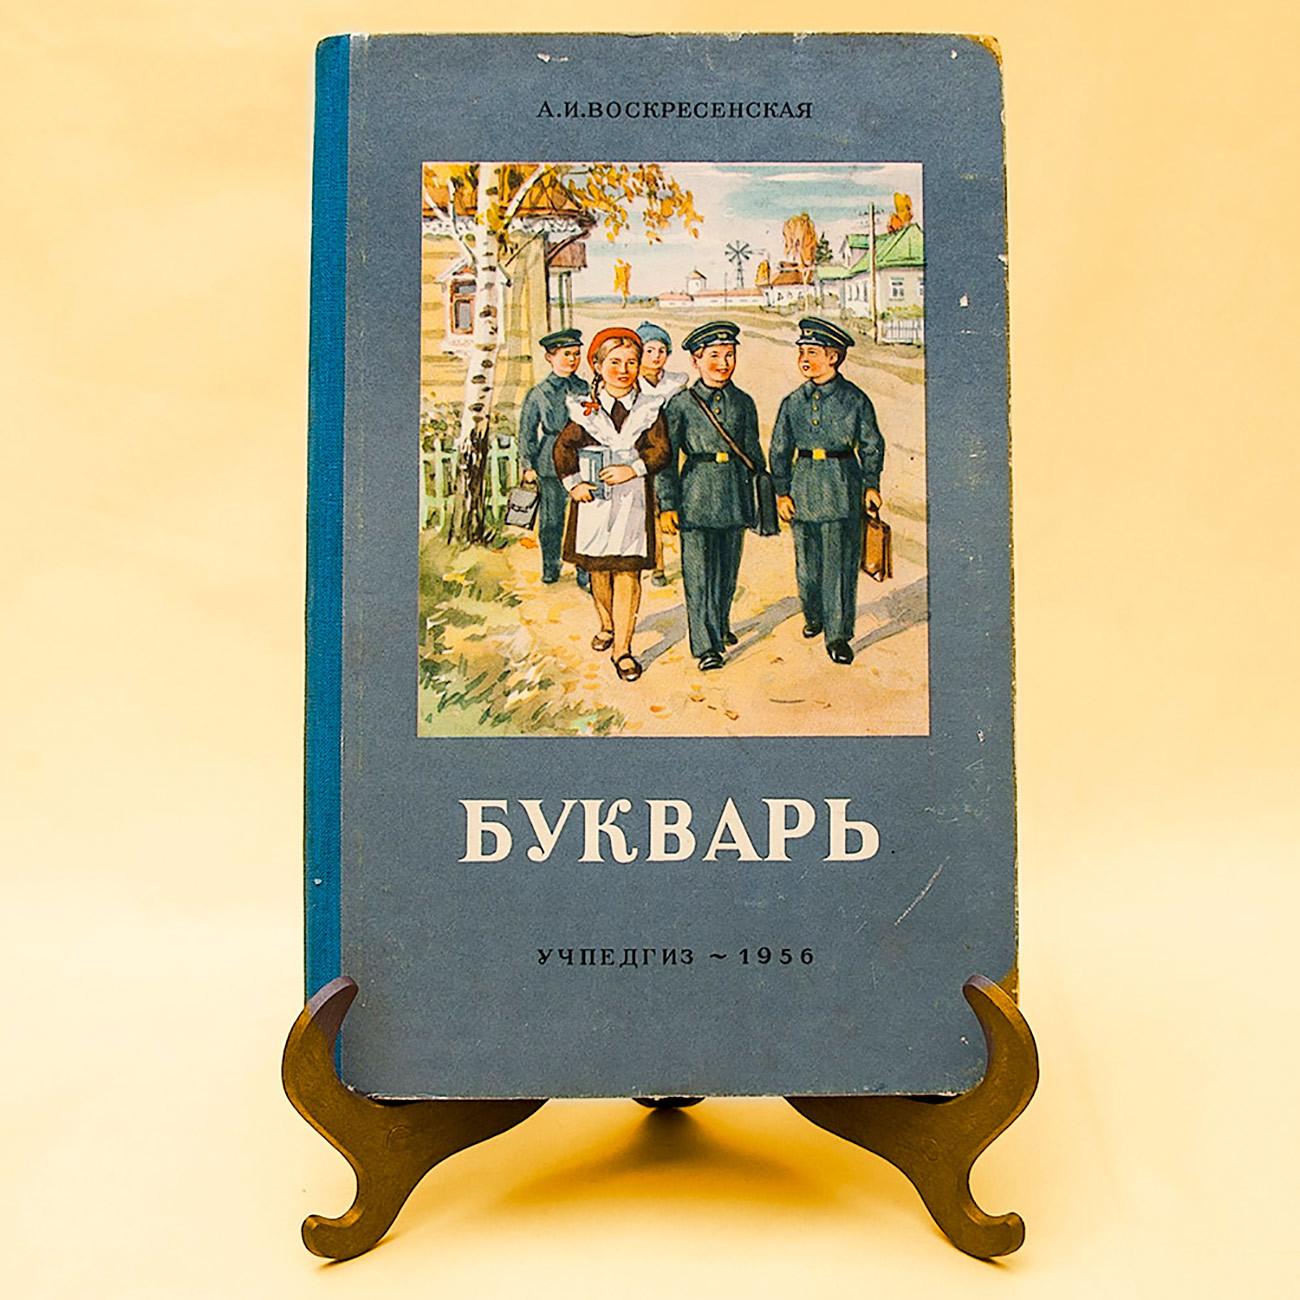 アレクサンドラ・ヴォスクレセンスカヤによる初等読本